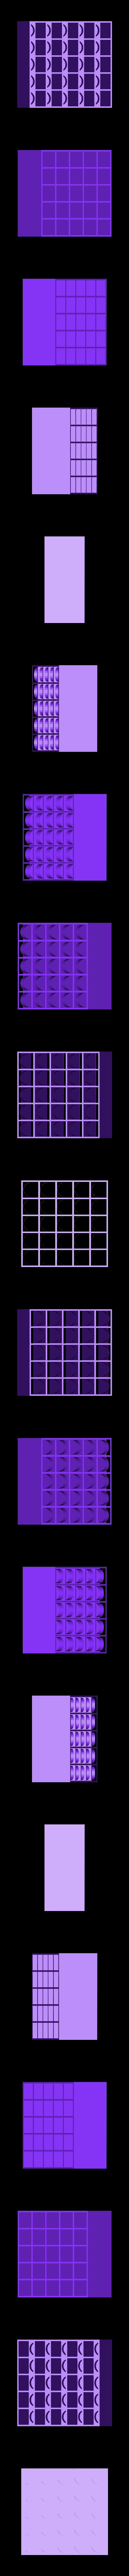 Marker-Rack-Prismacolor-25-Square.stl Télécharger fichier STL gratuit Porte-repères Prismacolor • Objet imprimable en 3D, Reneton